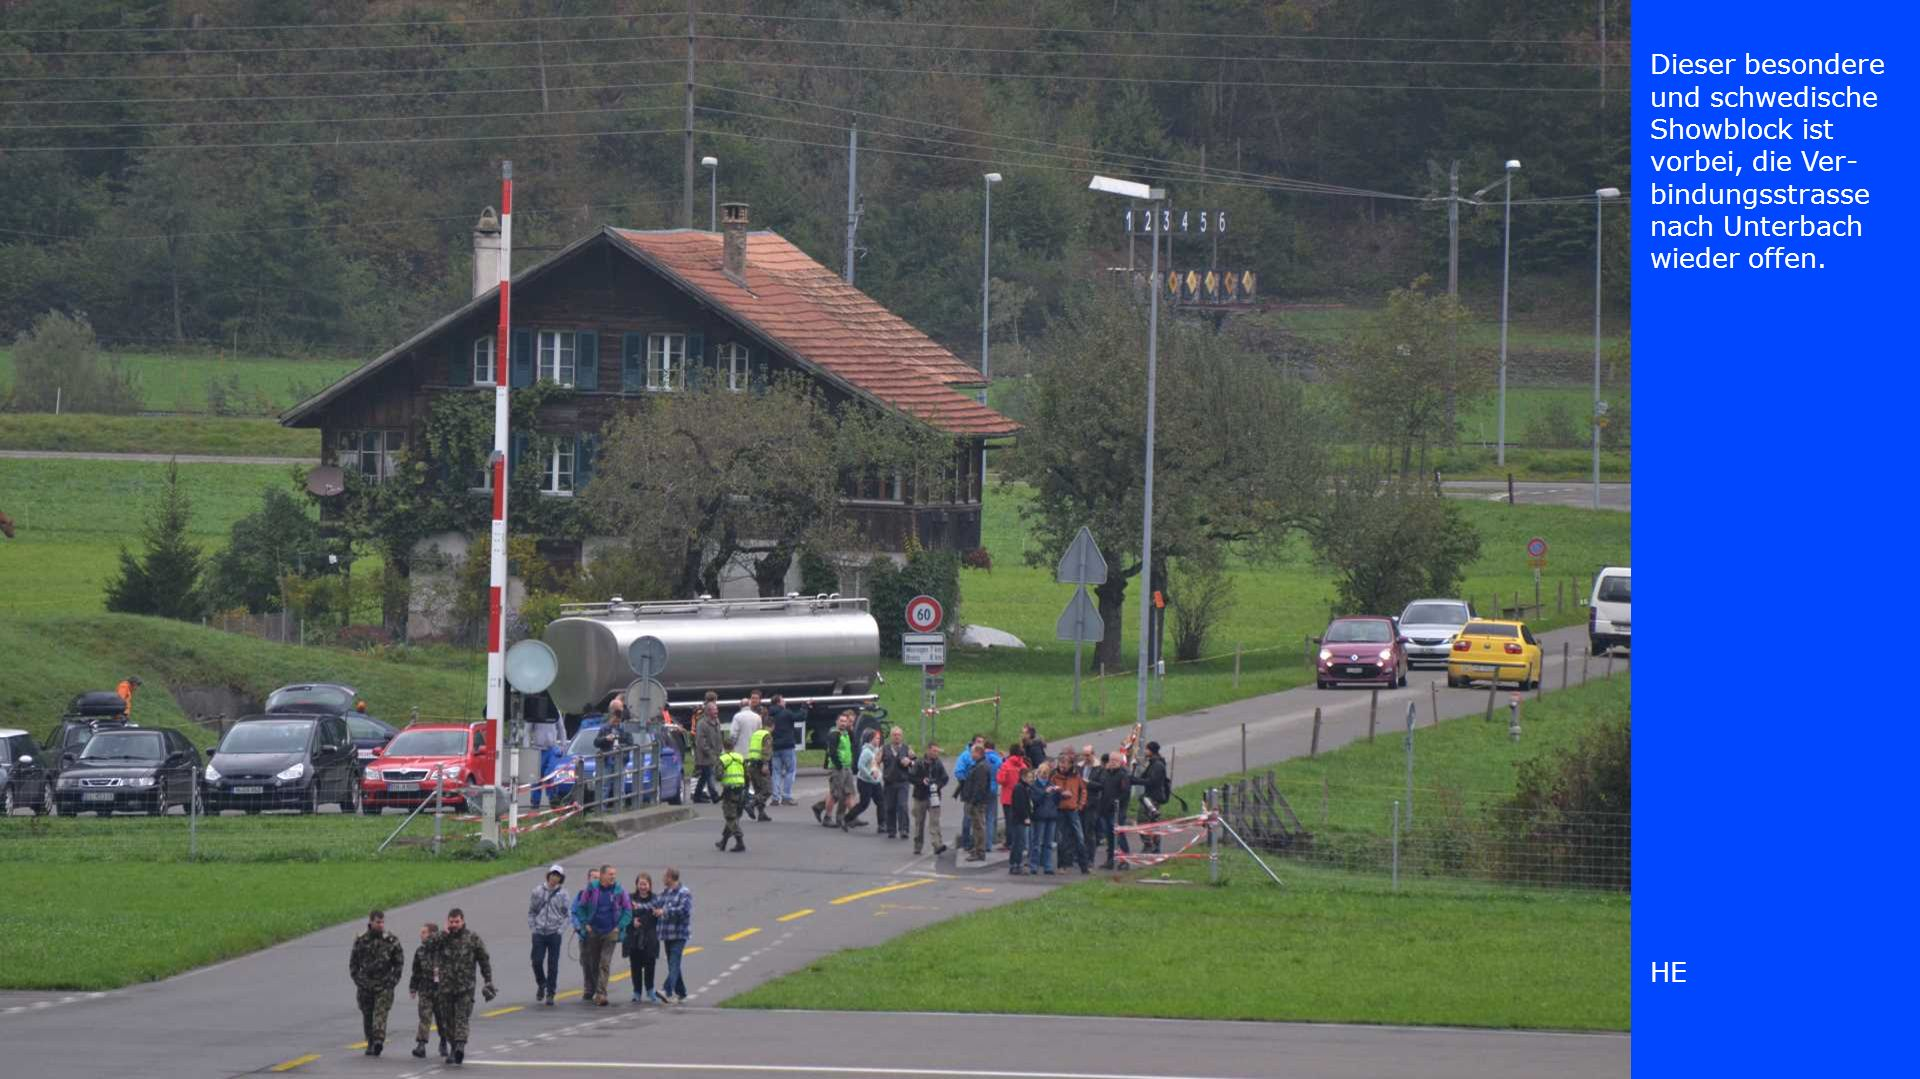 Dieser besondere und schwedische Showblock ist vorbei, die Ver- bindungsstrasse nach Unterbach wieder offen. HE